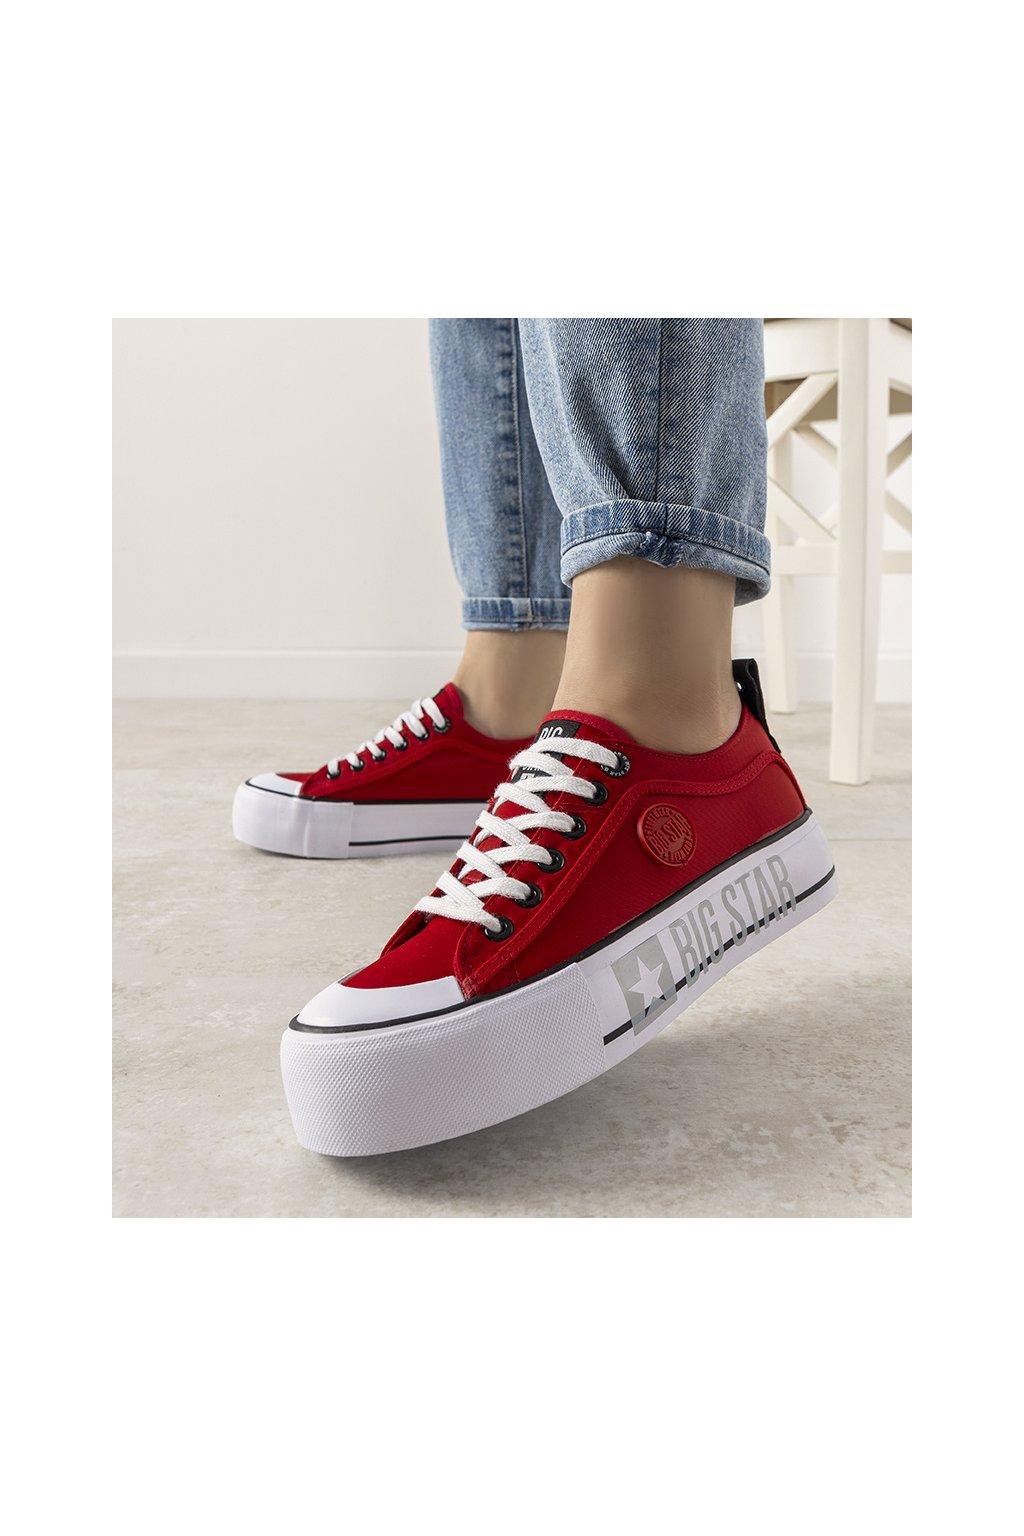 Dámske topánky BS červené kód II274025 - GM